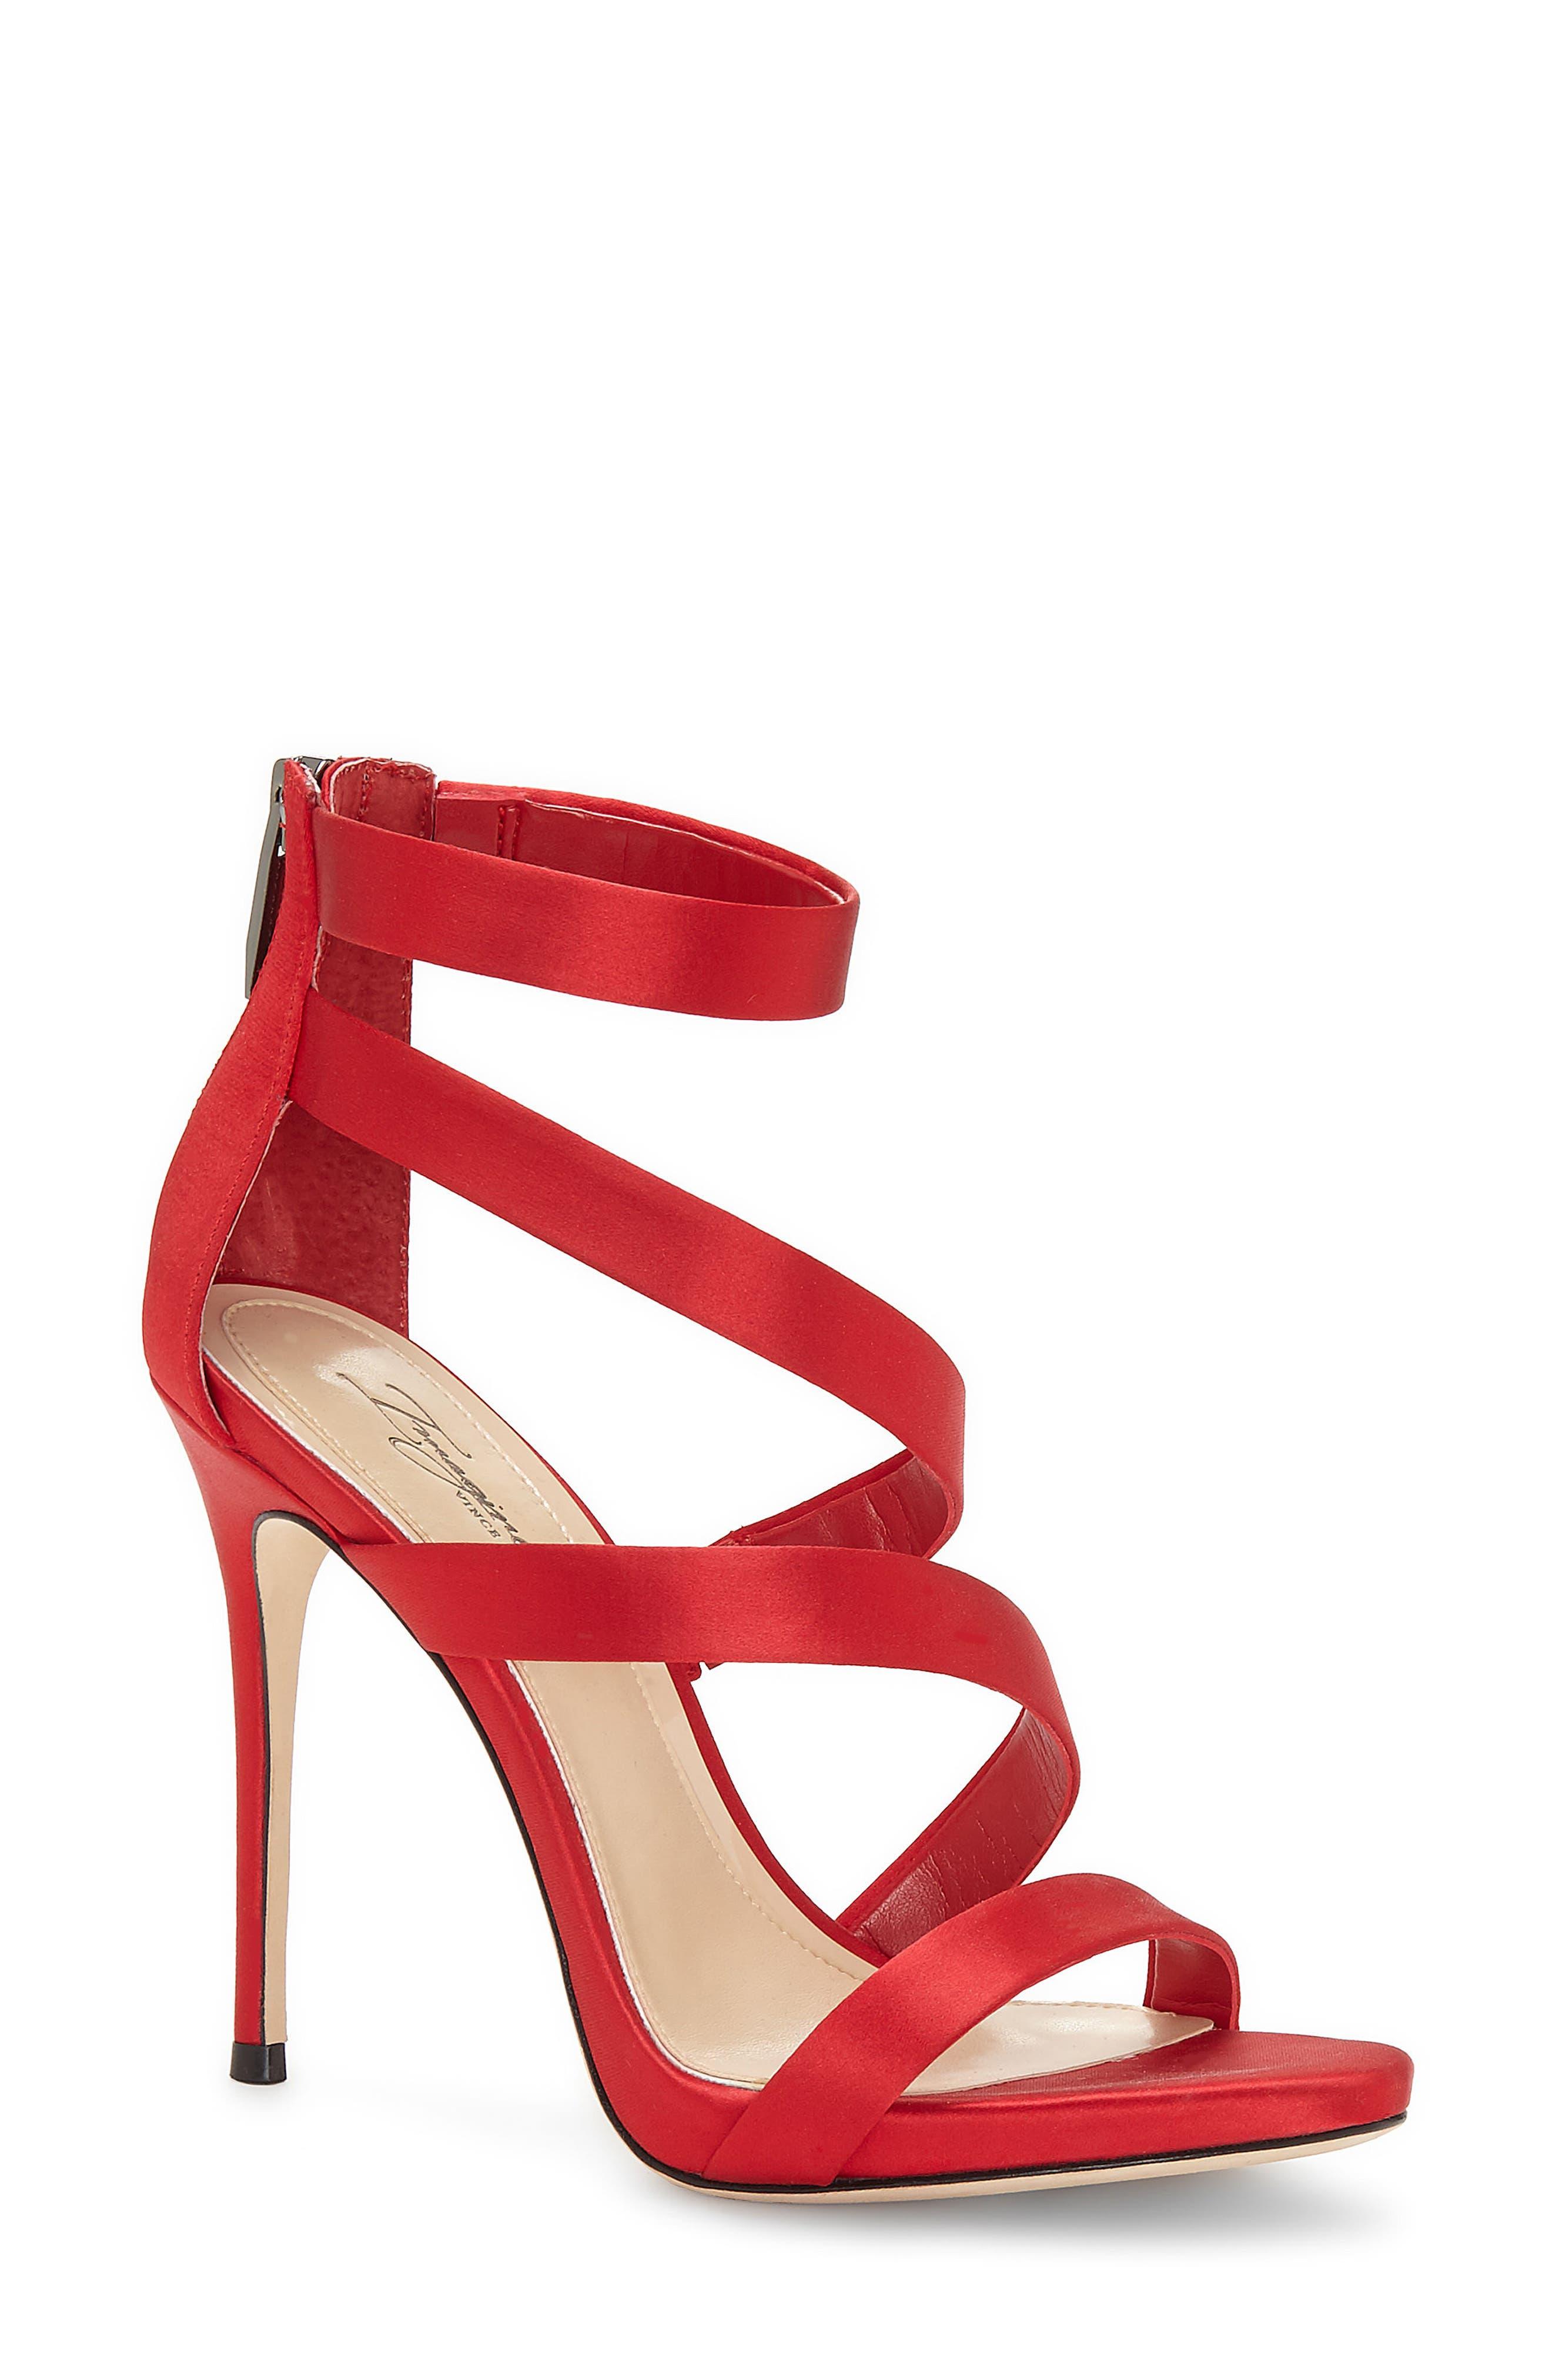 Imagine Vince Camuto Dalles Tall Strappy Sandal,                         Main,                         color, Crimson Satin